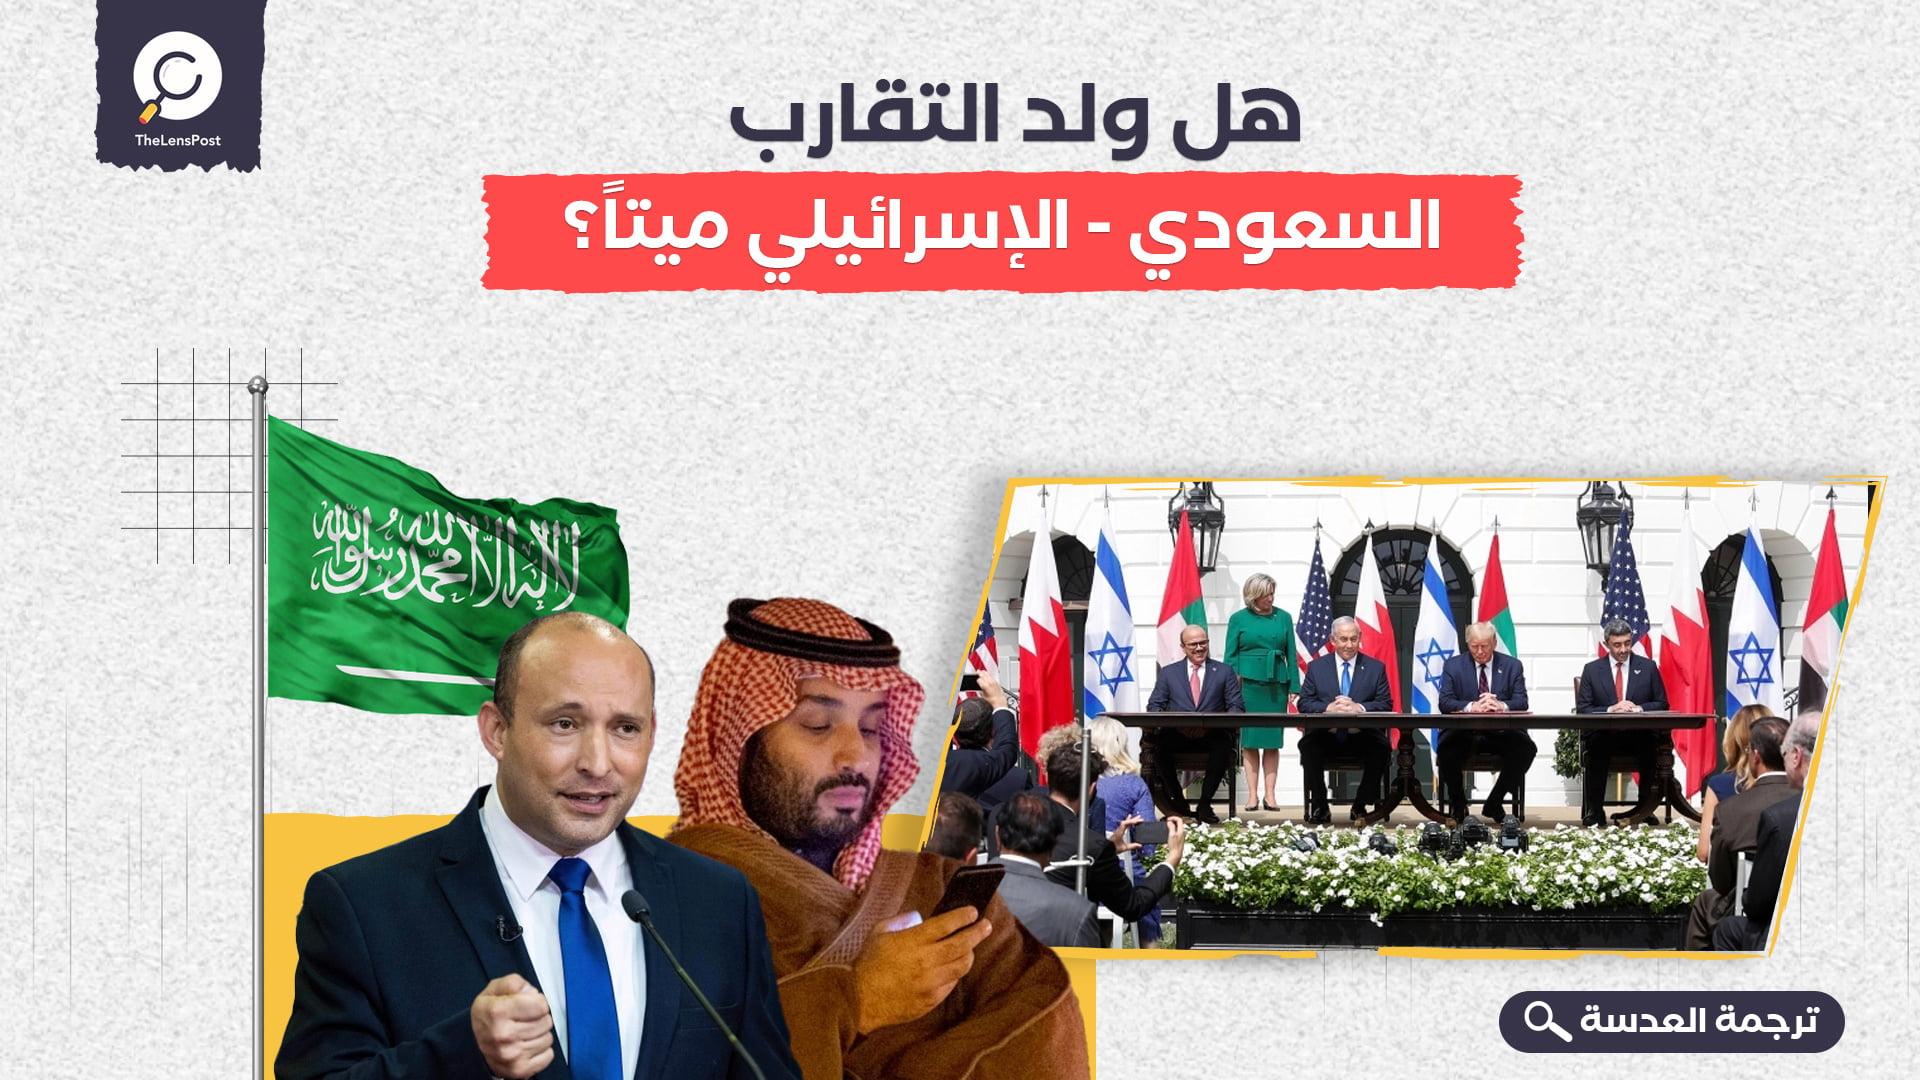 هل ولد التقارب السعودي - الإسرائيلي ميتاً؟